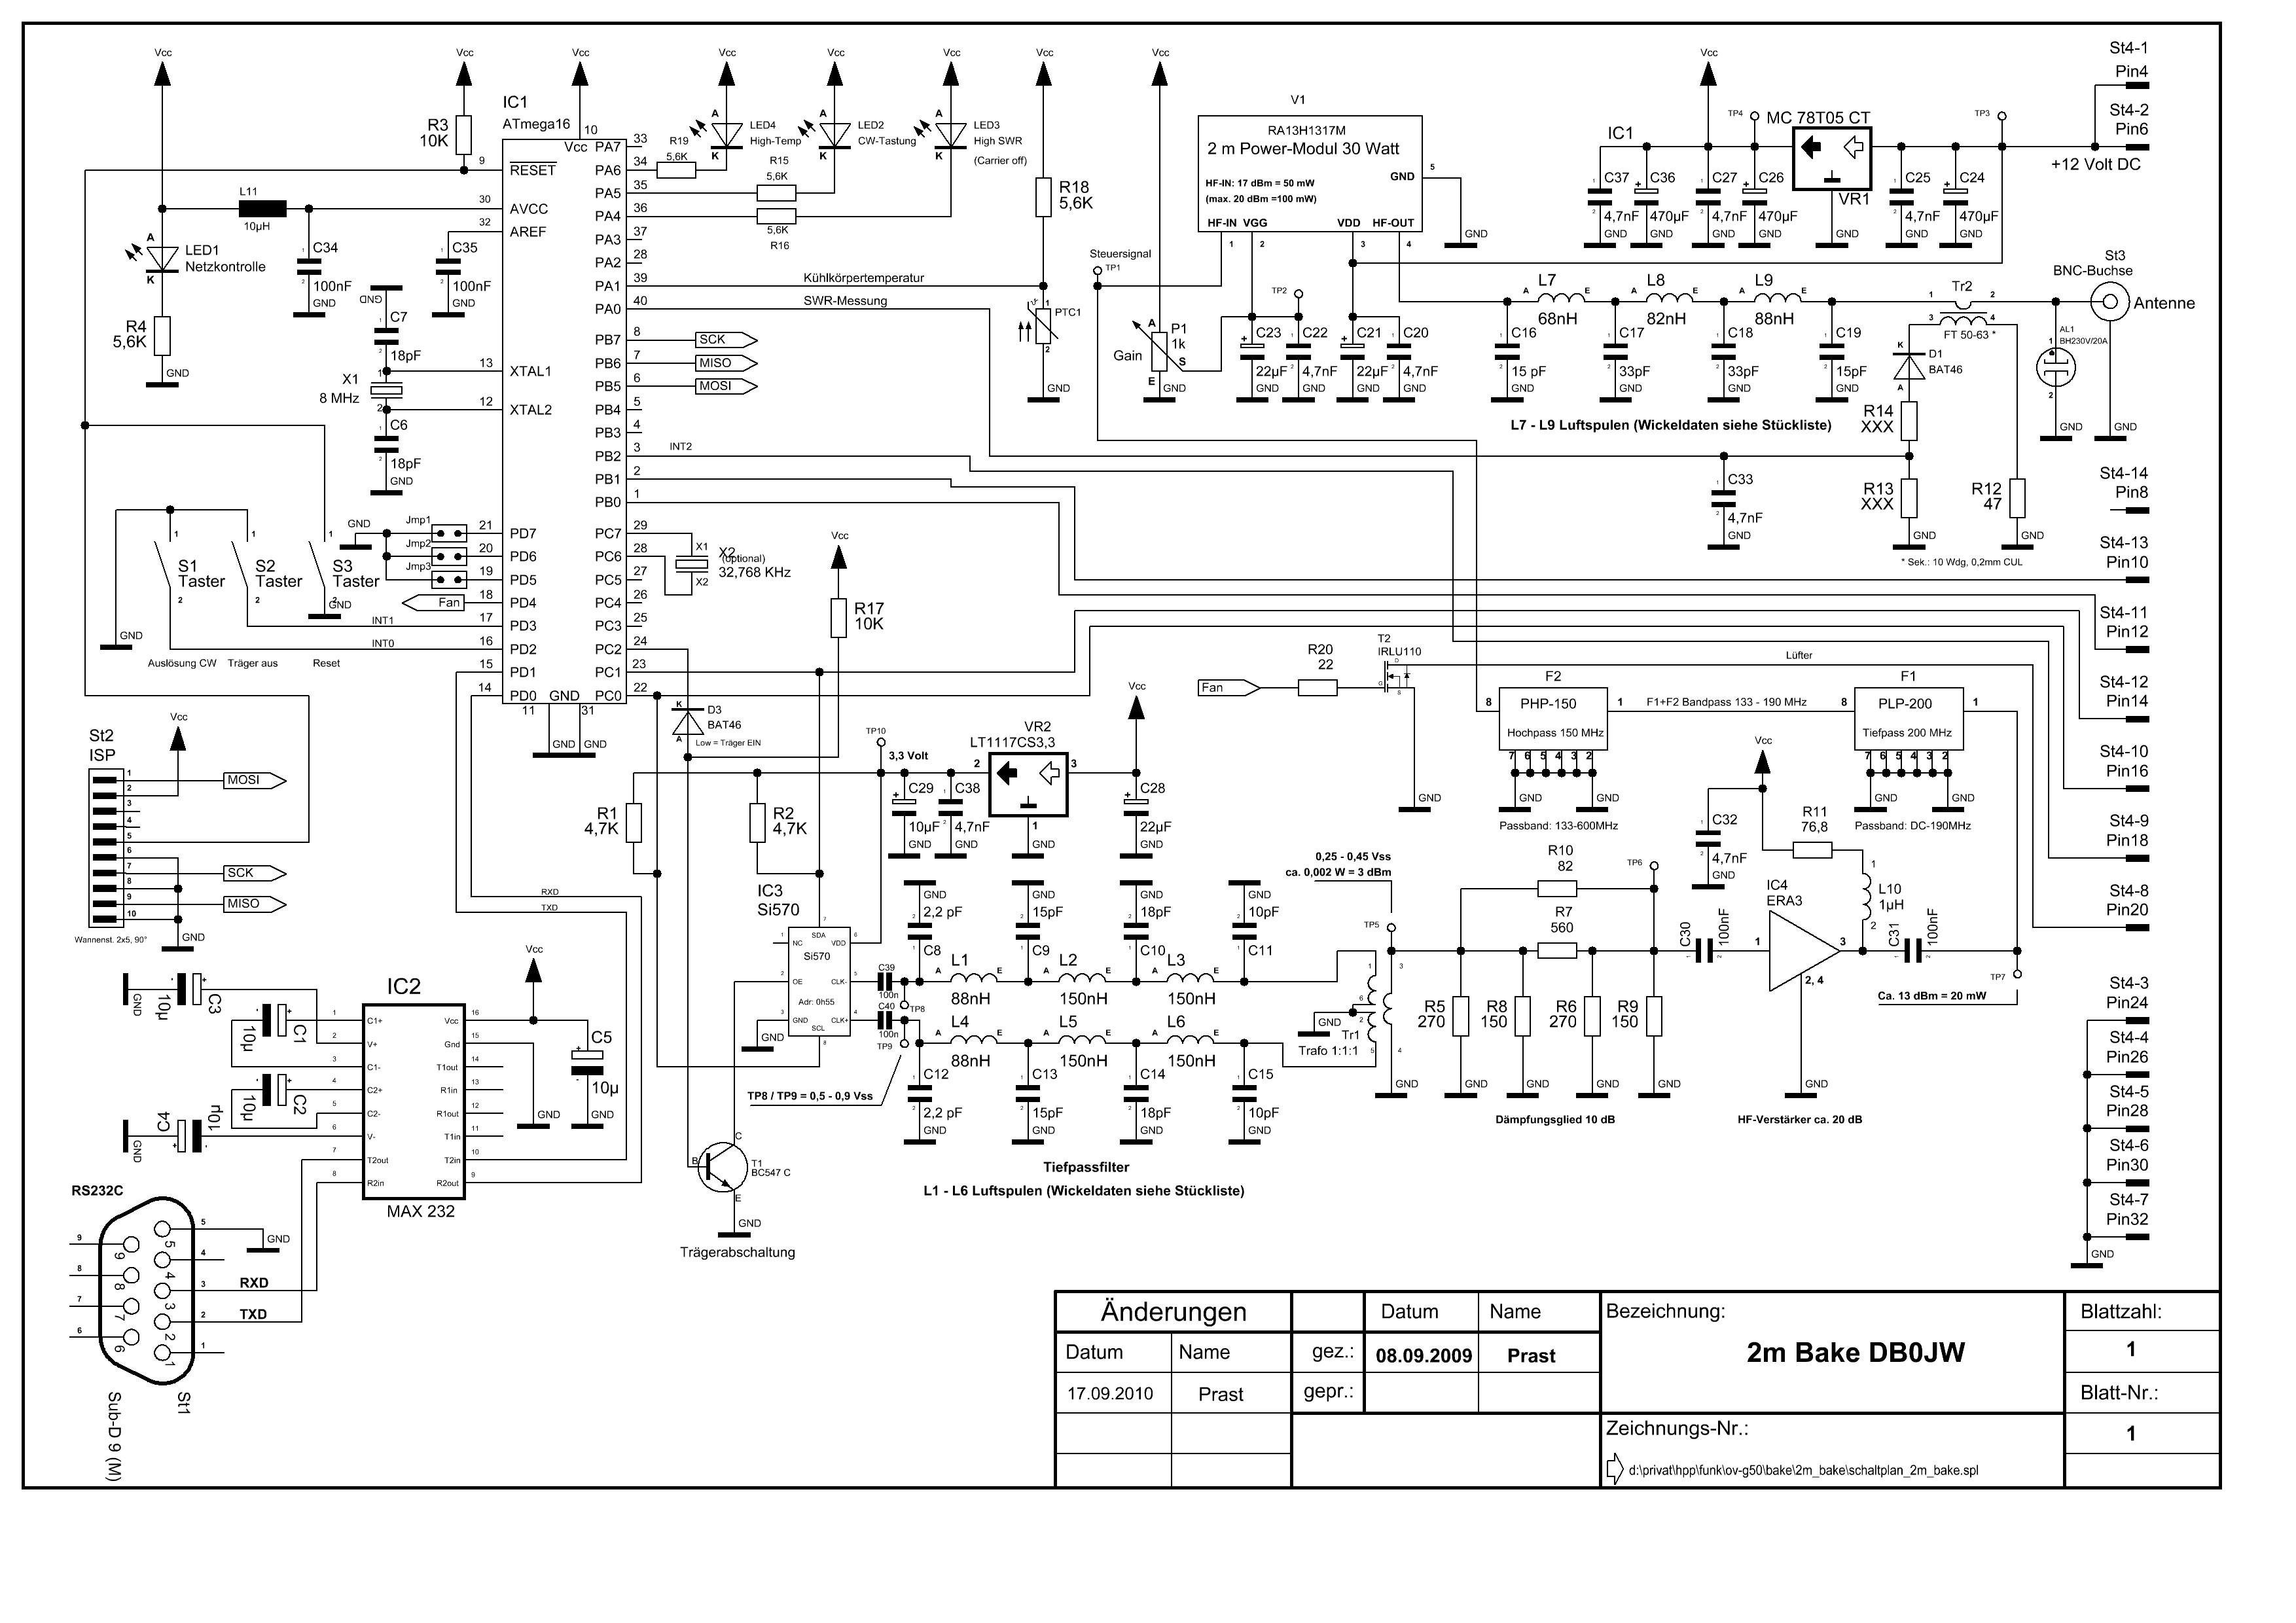 Ausgezeichnet Rcd Schaltplan Zeitgenössisch - Elektrische Schaltplan ...